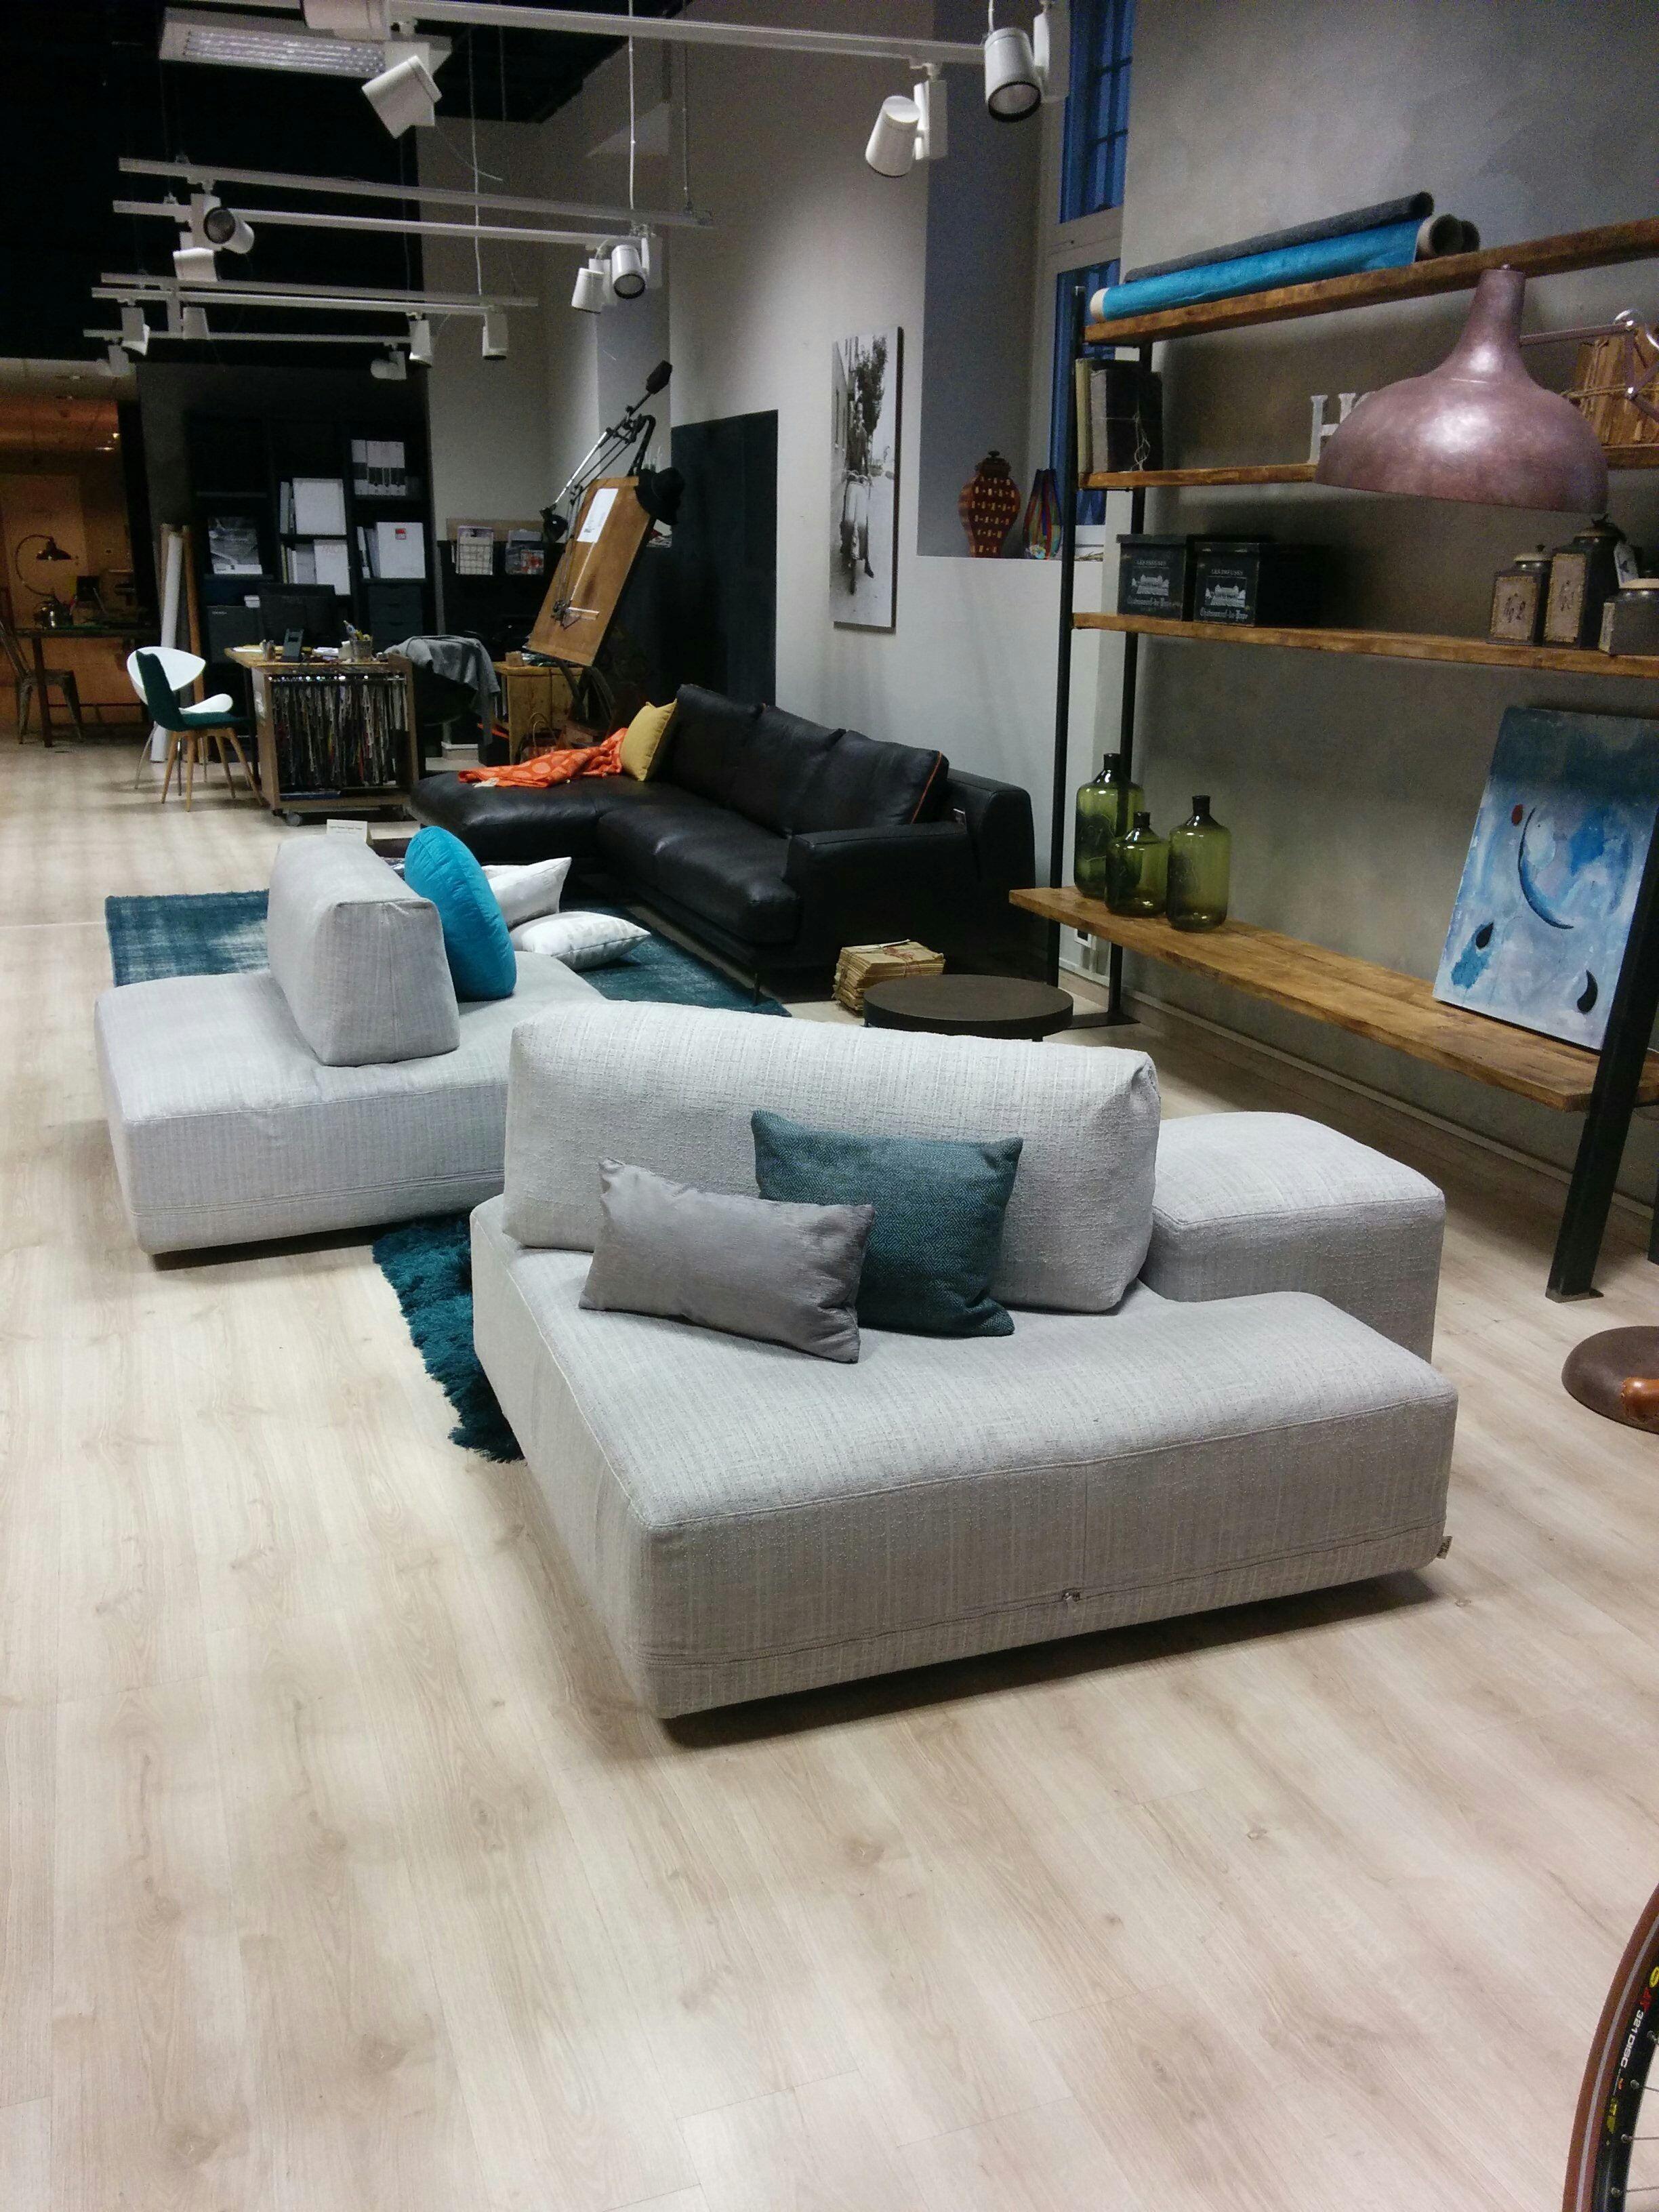 Offerta divano ditre italia mod sanders in tessuto - Altezza seduta divano ...